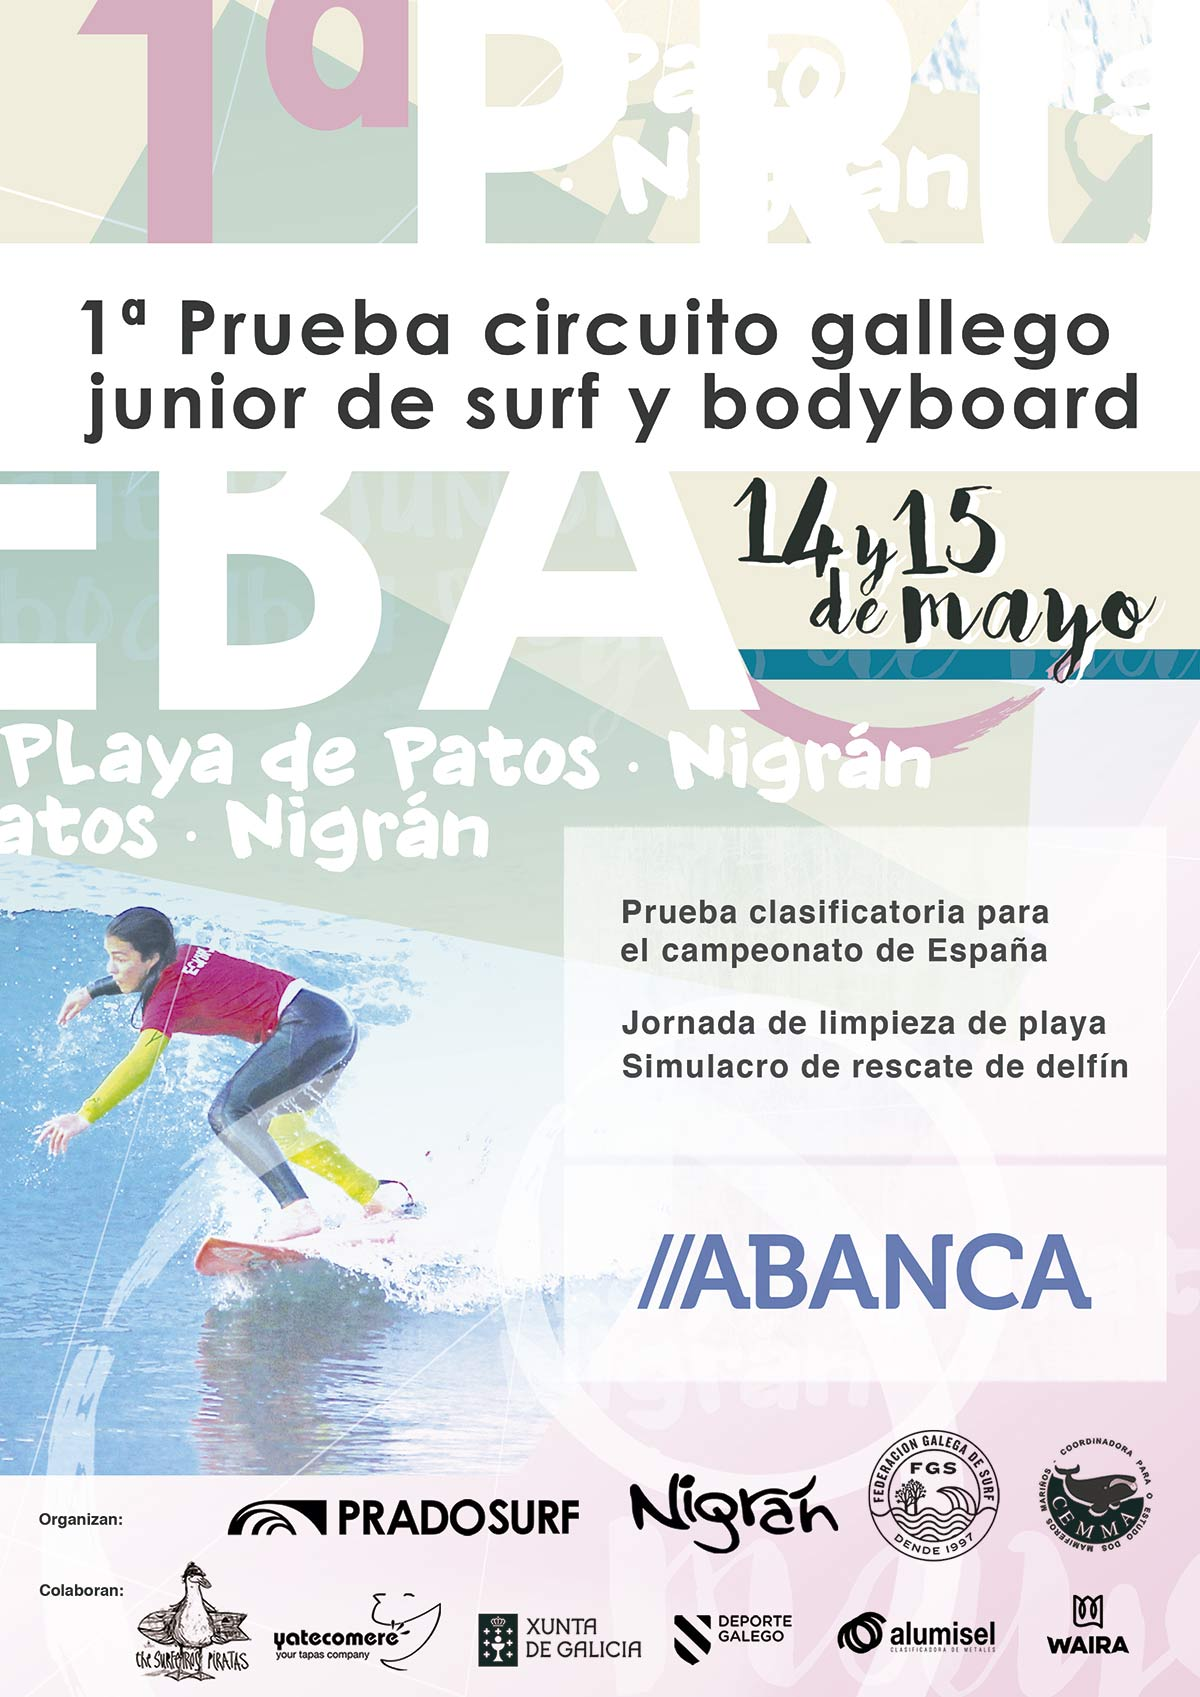 Póster prueba circuito gallego junior de surf